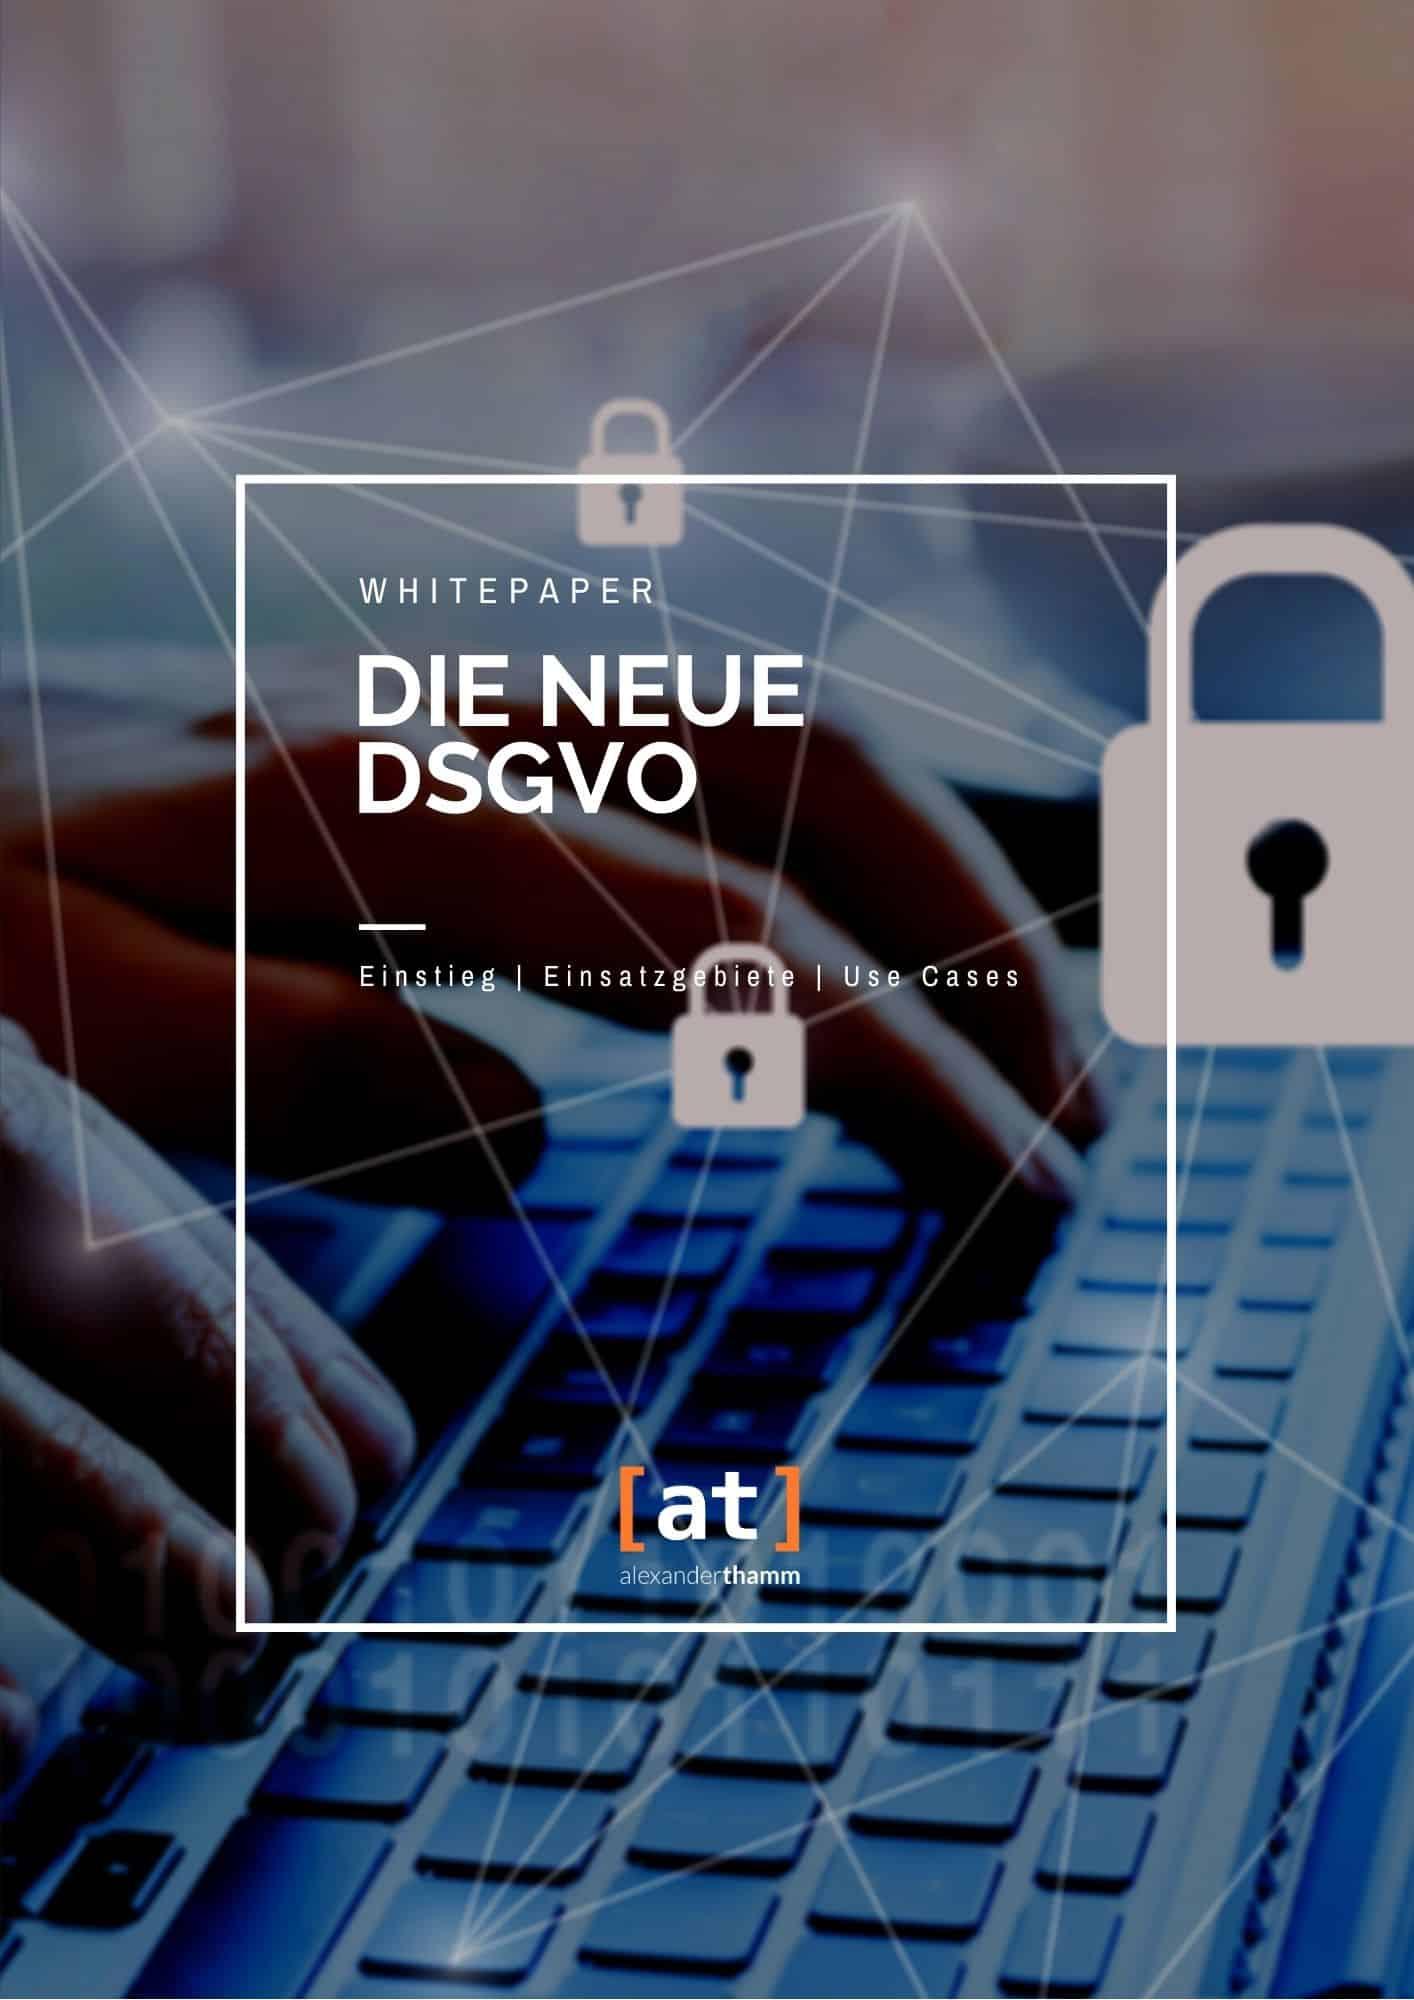 Whiteapaper_ Die neue DSGVO